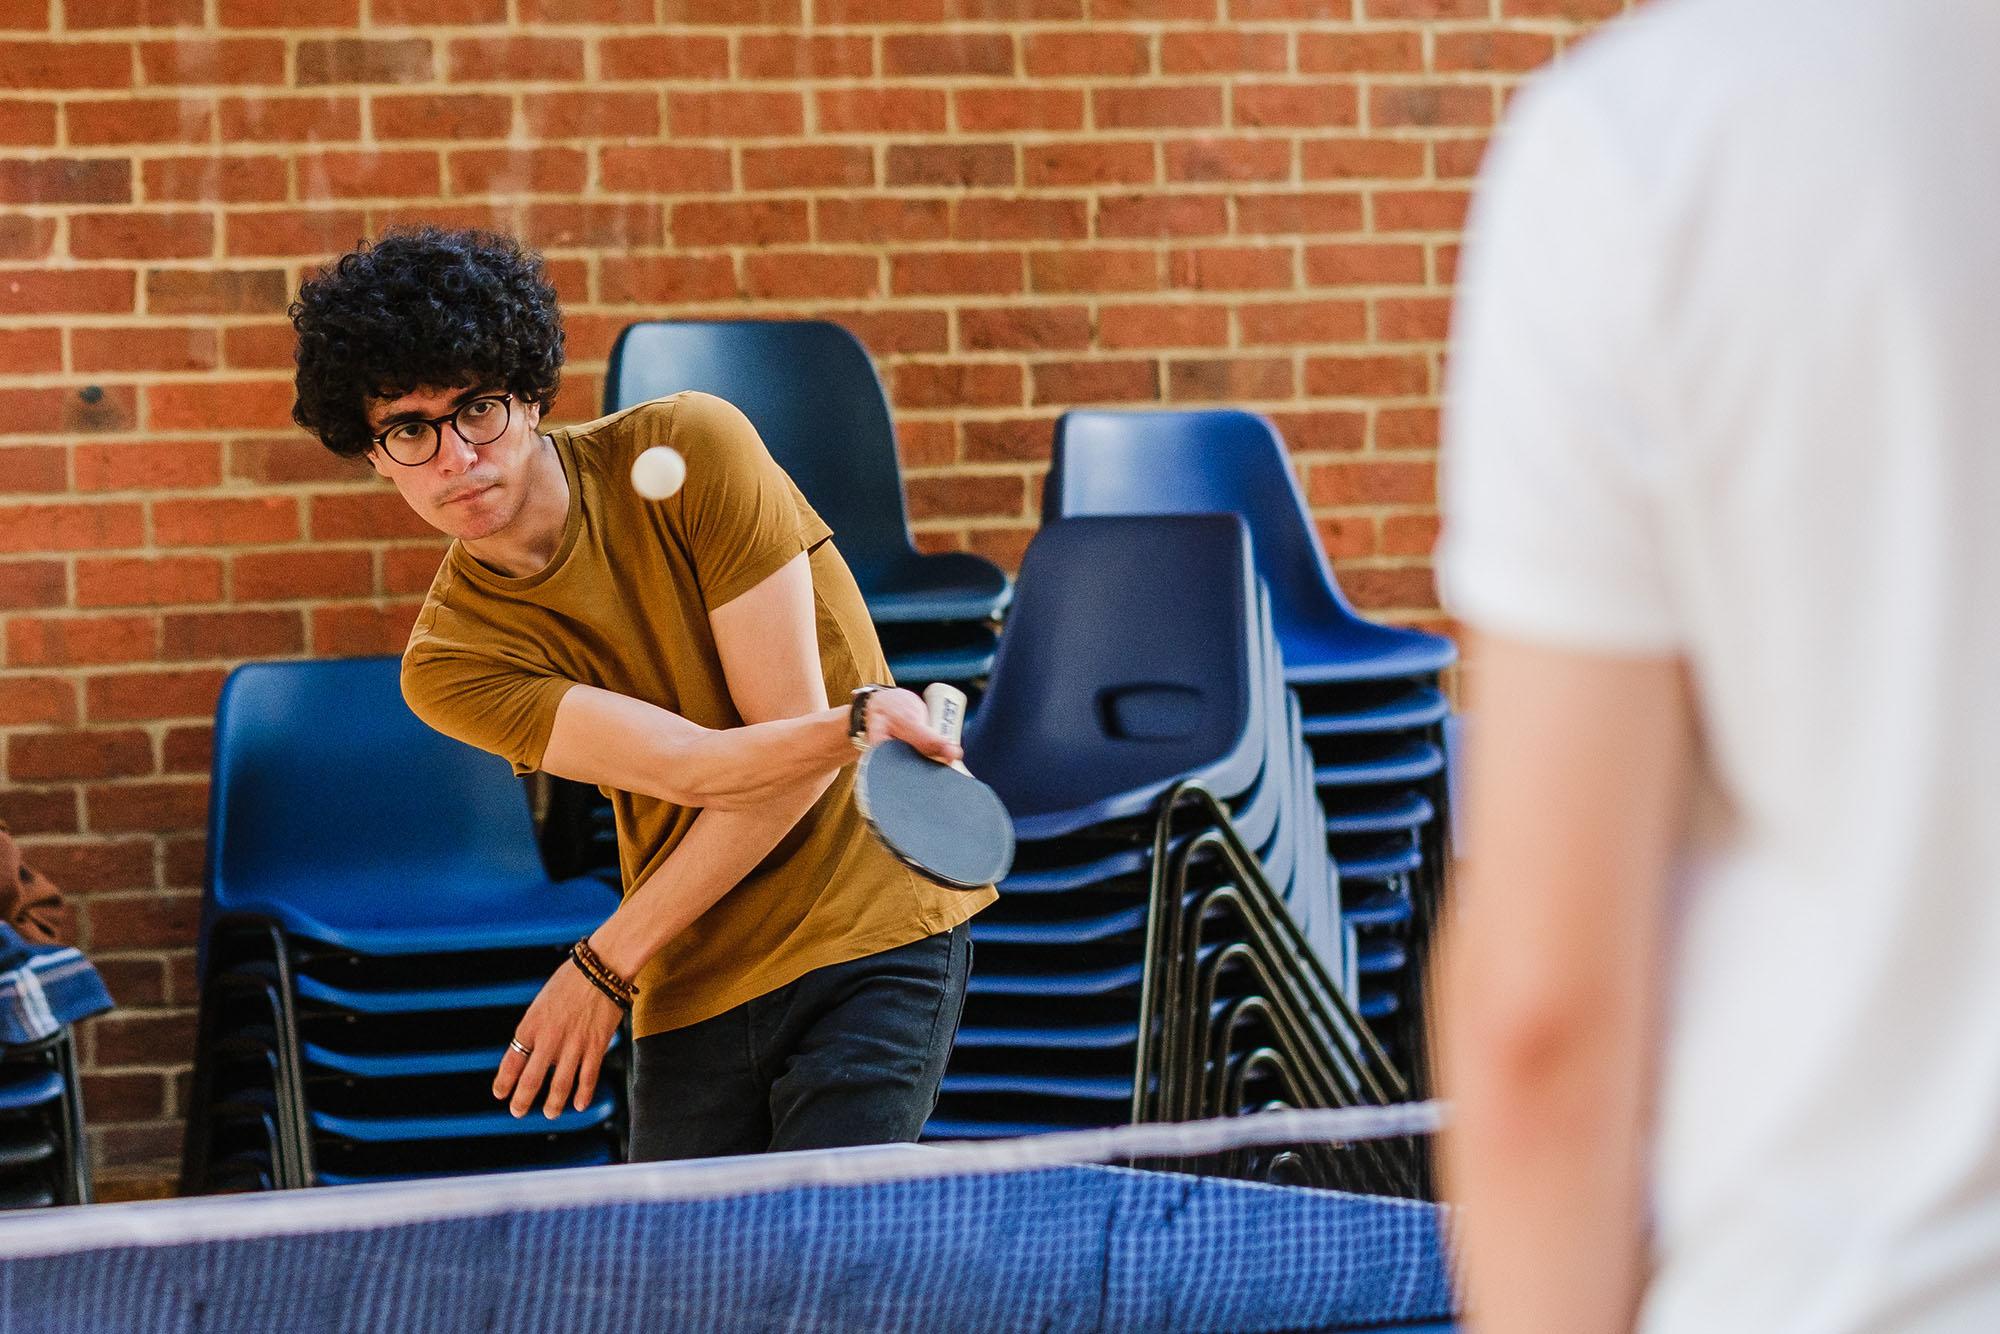 University freshers' week photos